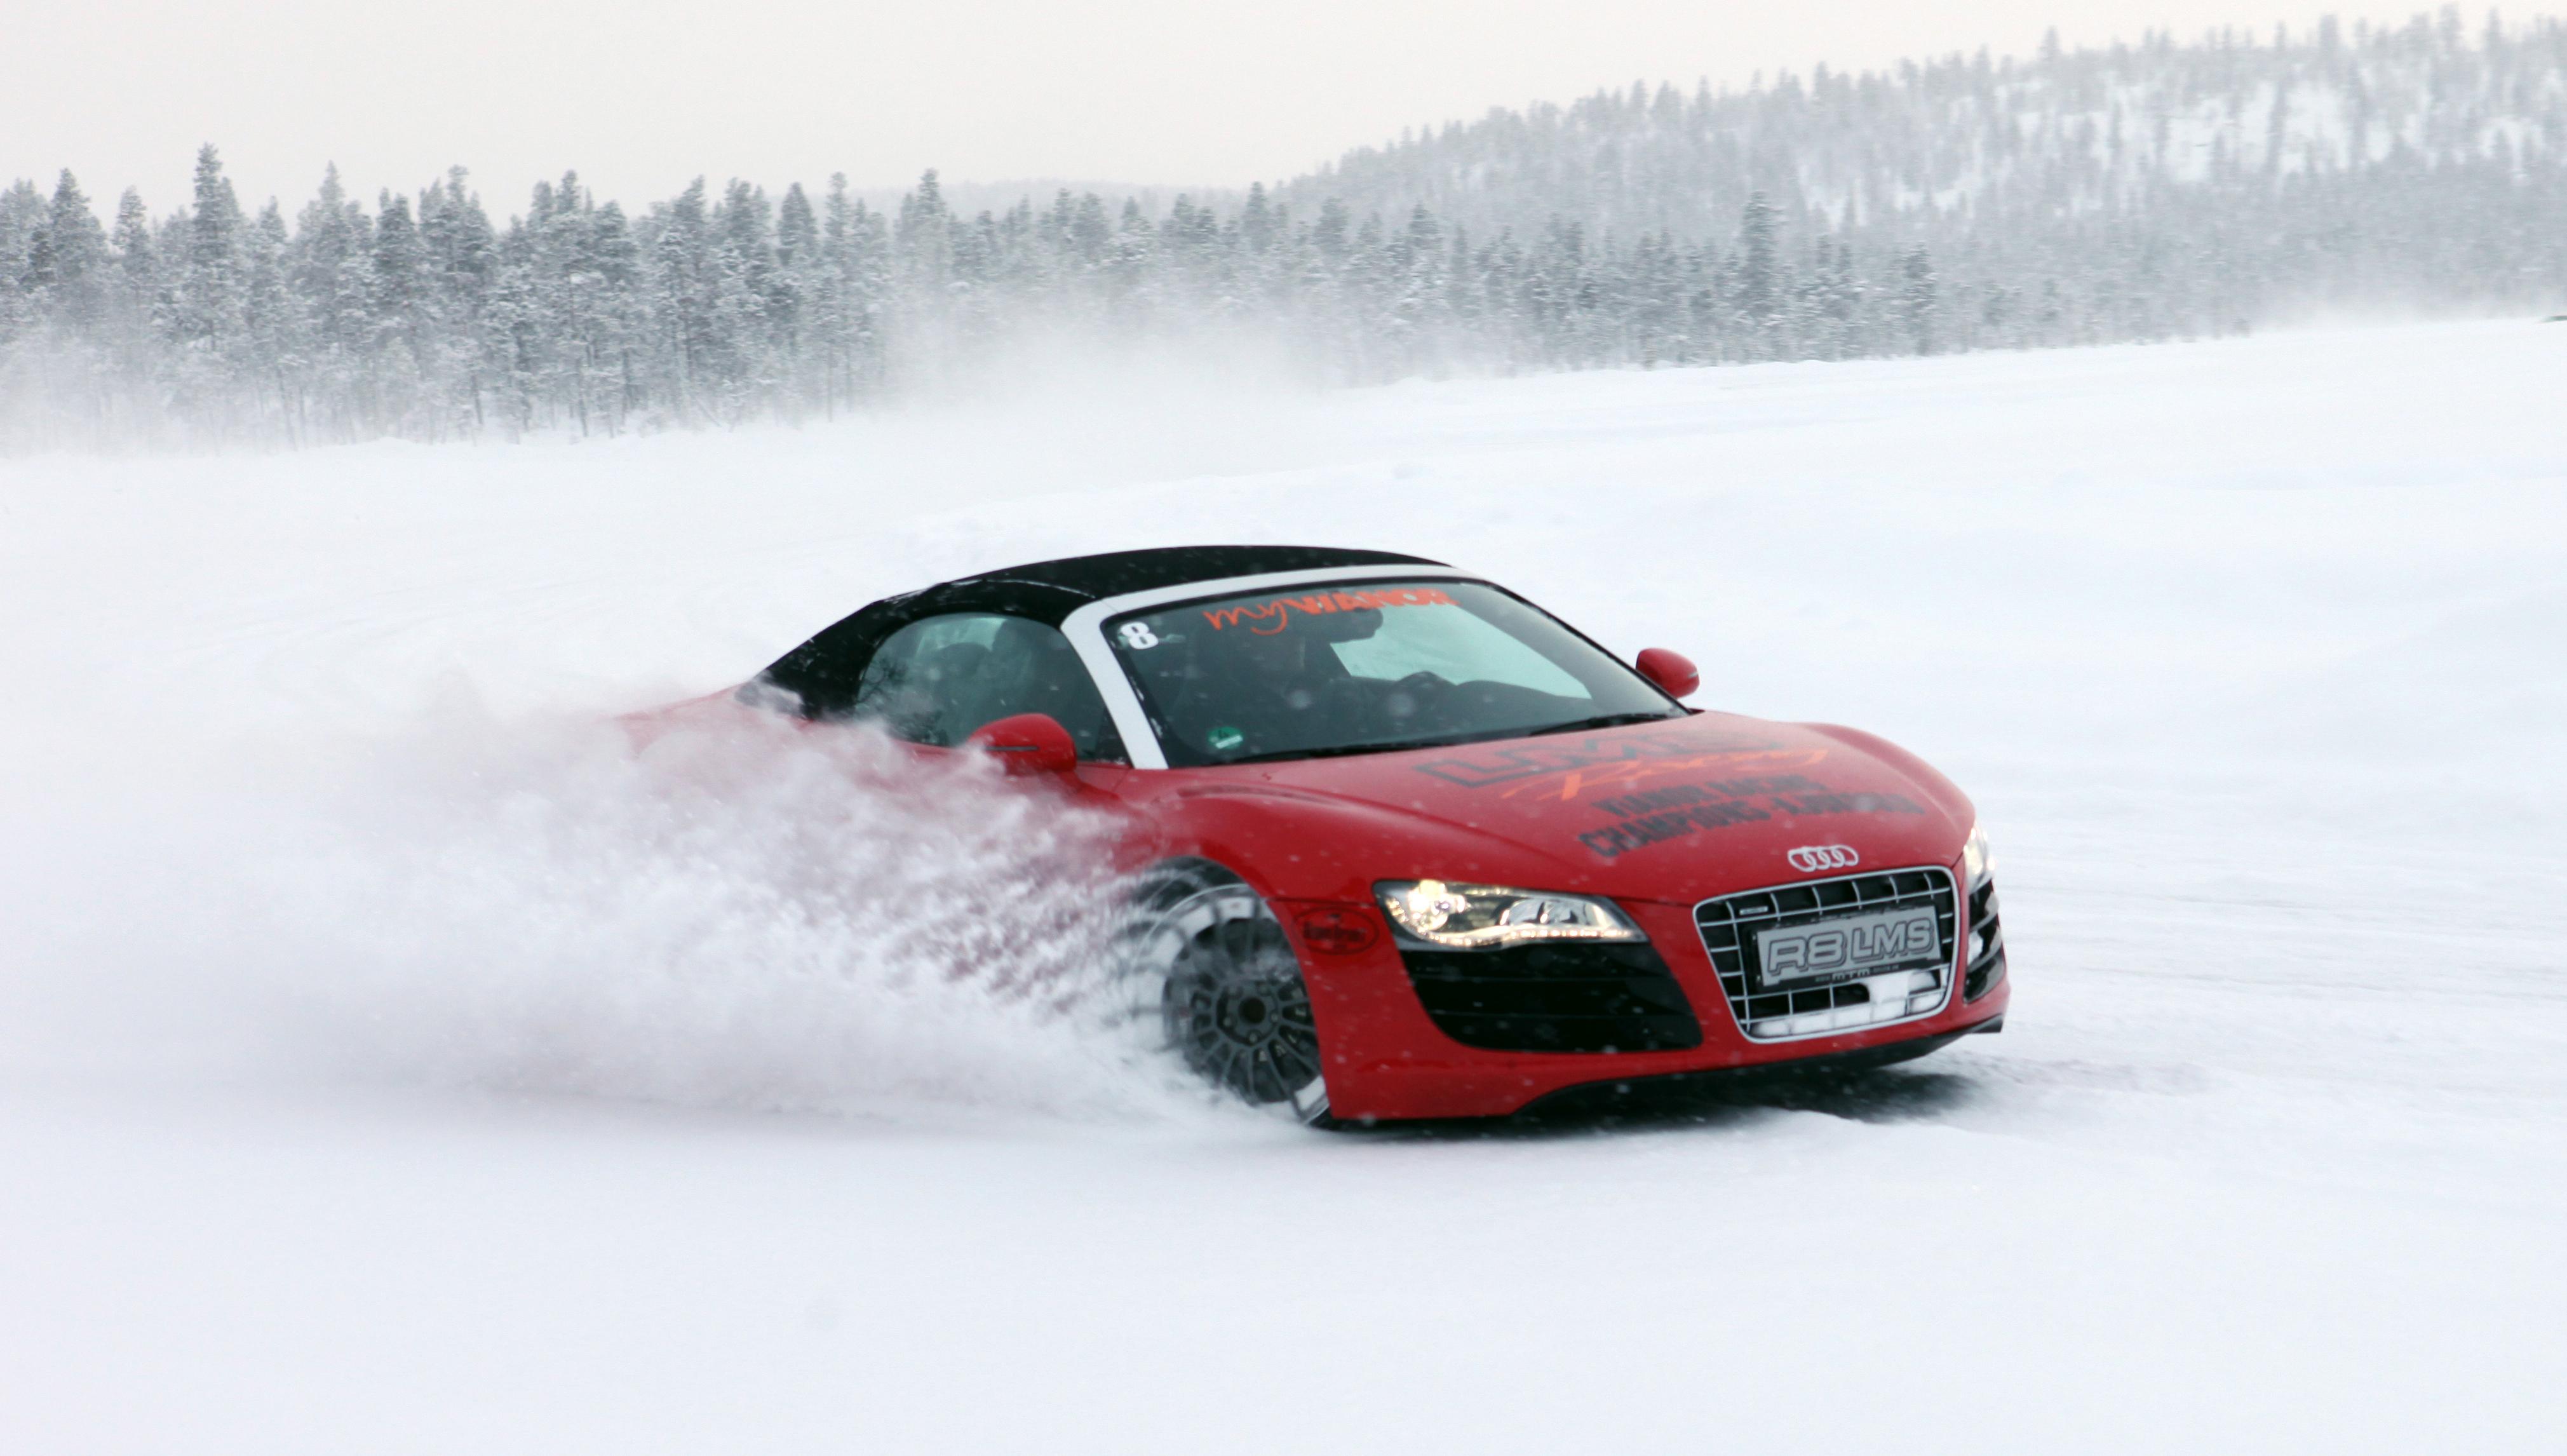 Nokian-Winterreifen sind die Testsieger in den Winterreifen-Tests ...